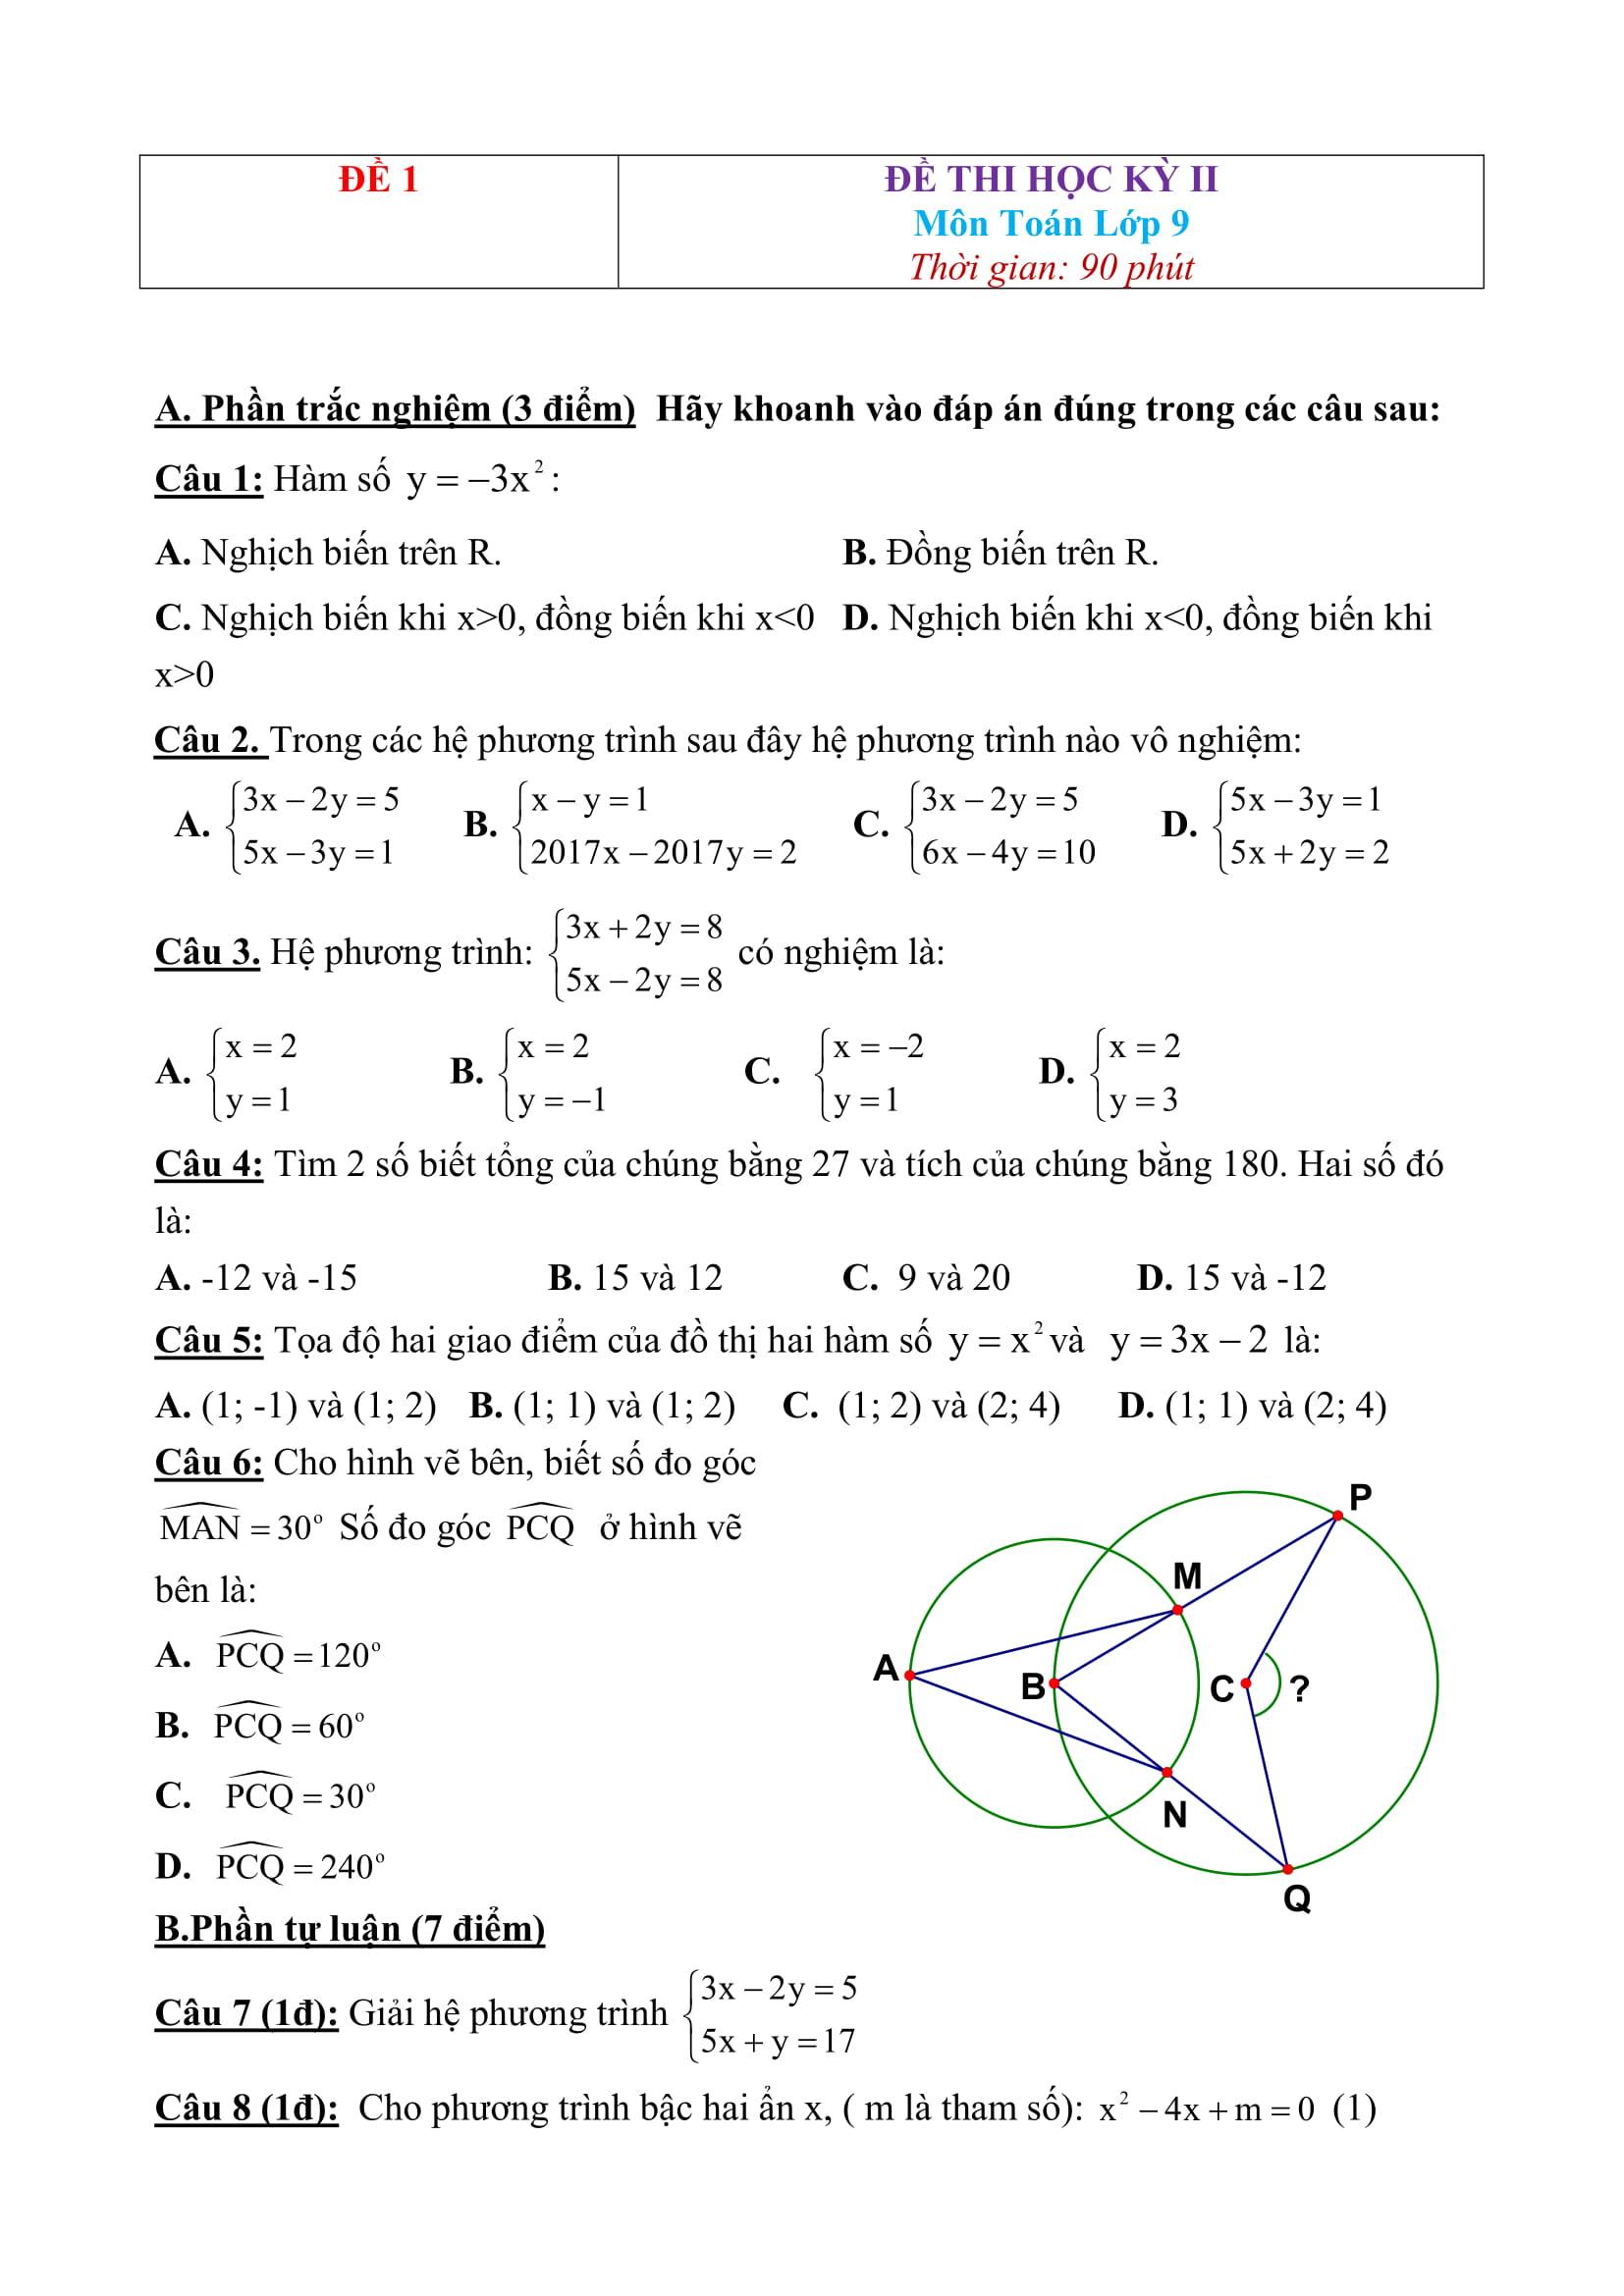 25 Đề thi HK2 toán 9 - Bản word có giải